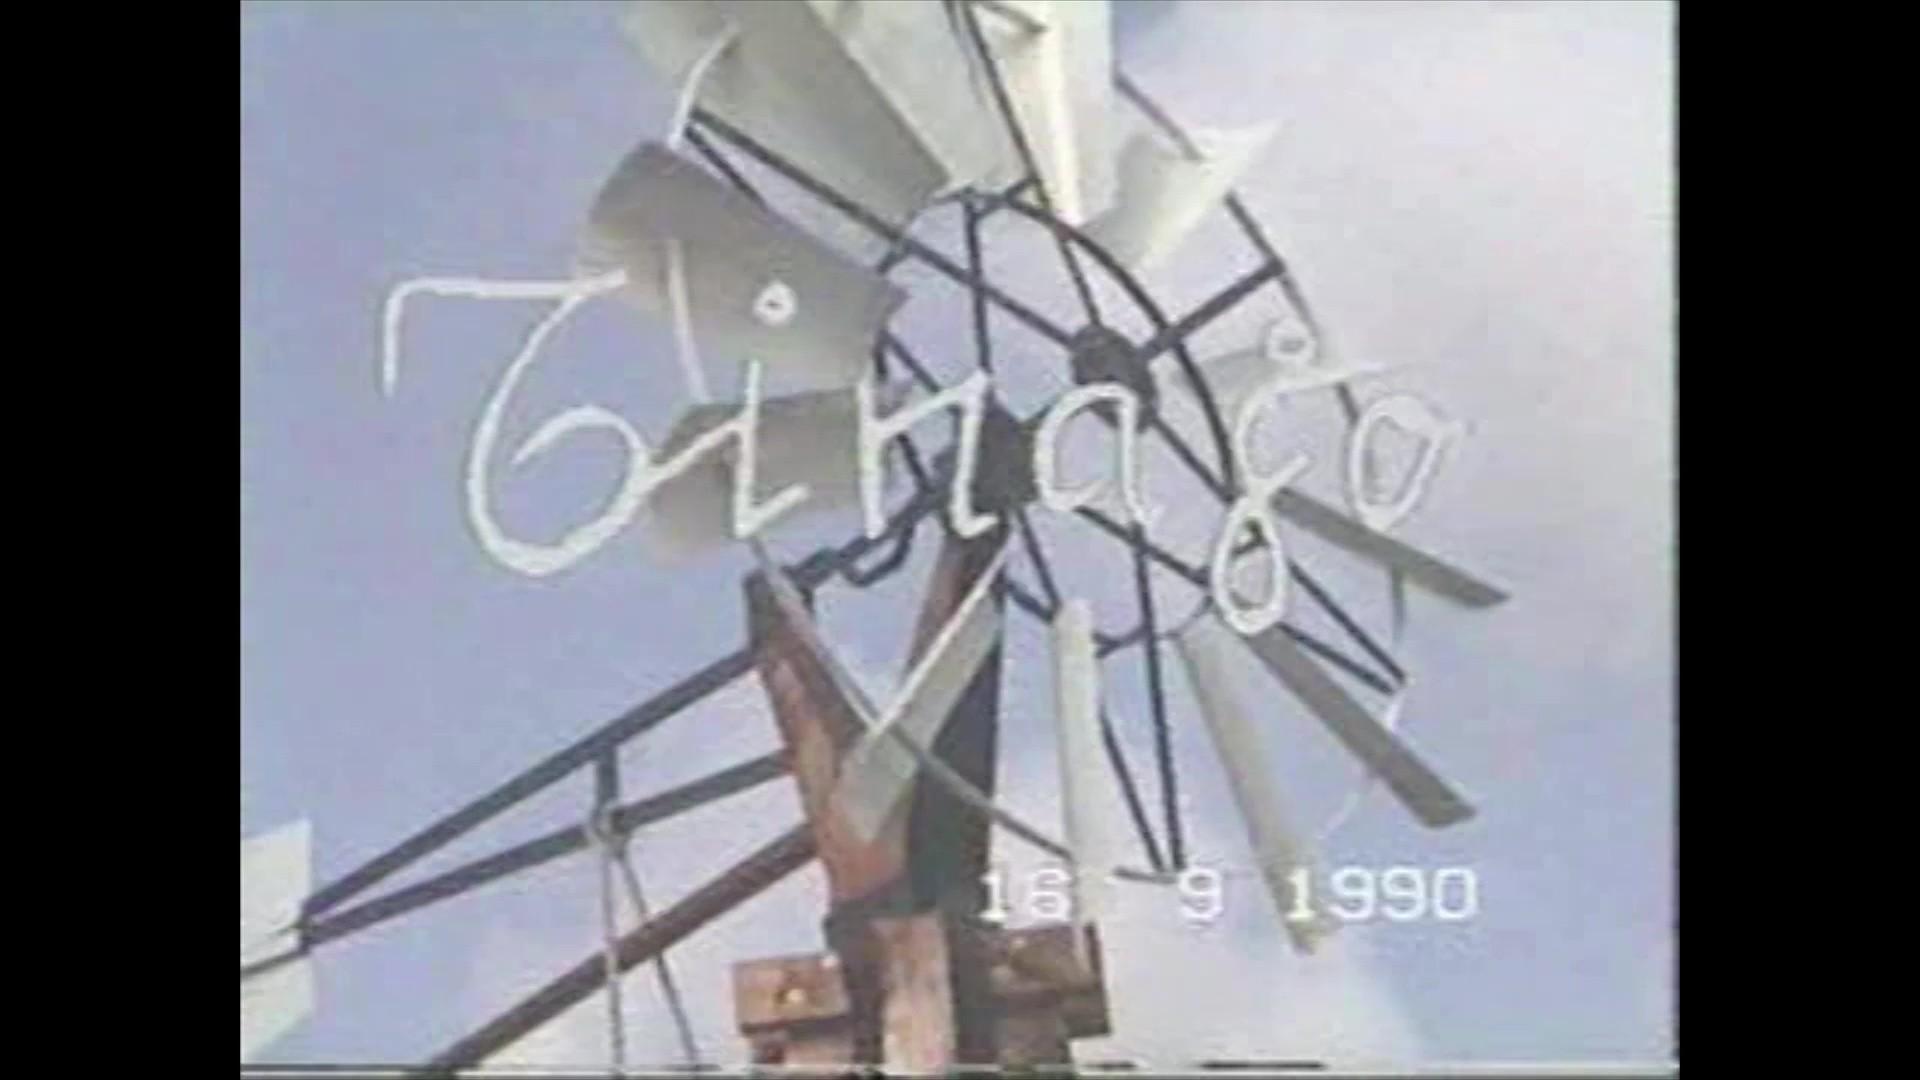 Romería de Nuestra Señora de Los Dolores (1990)